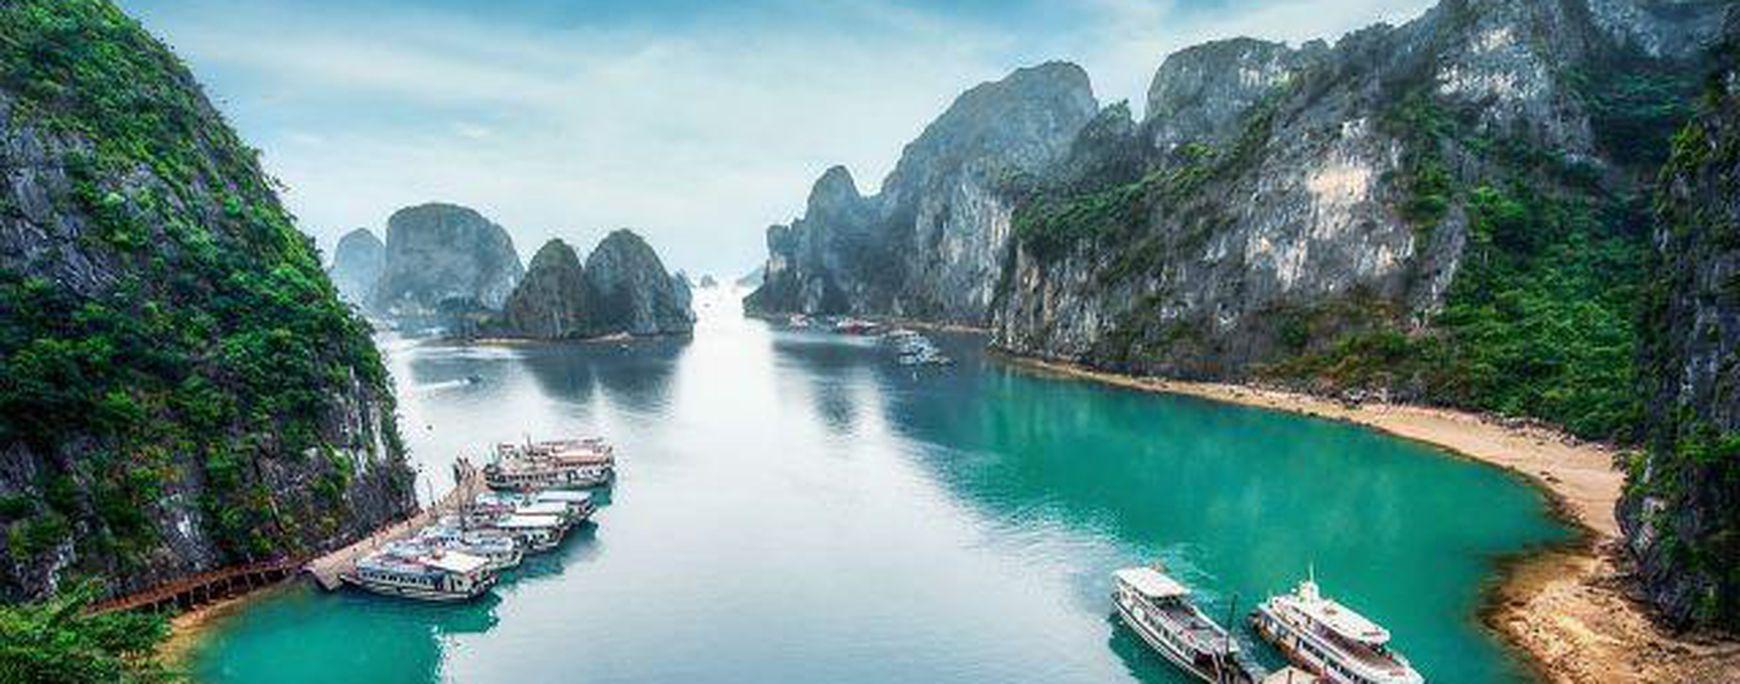 Thưởng thức mùa đông trong lòng Lan Hạ từ Du thuyền Indochine